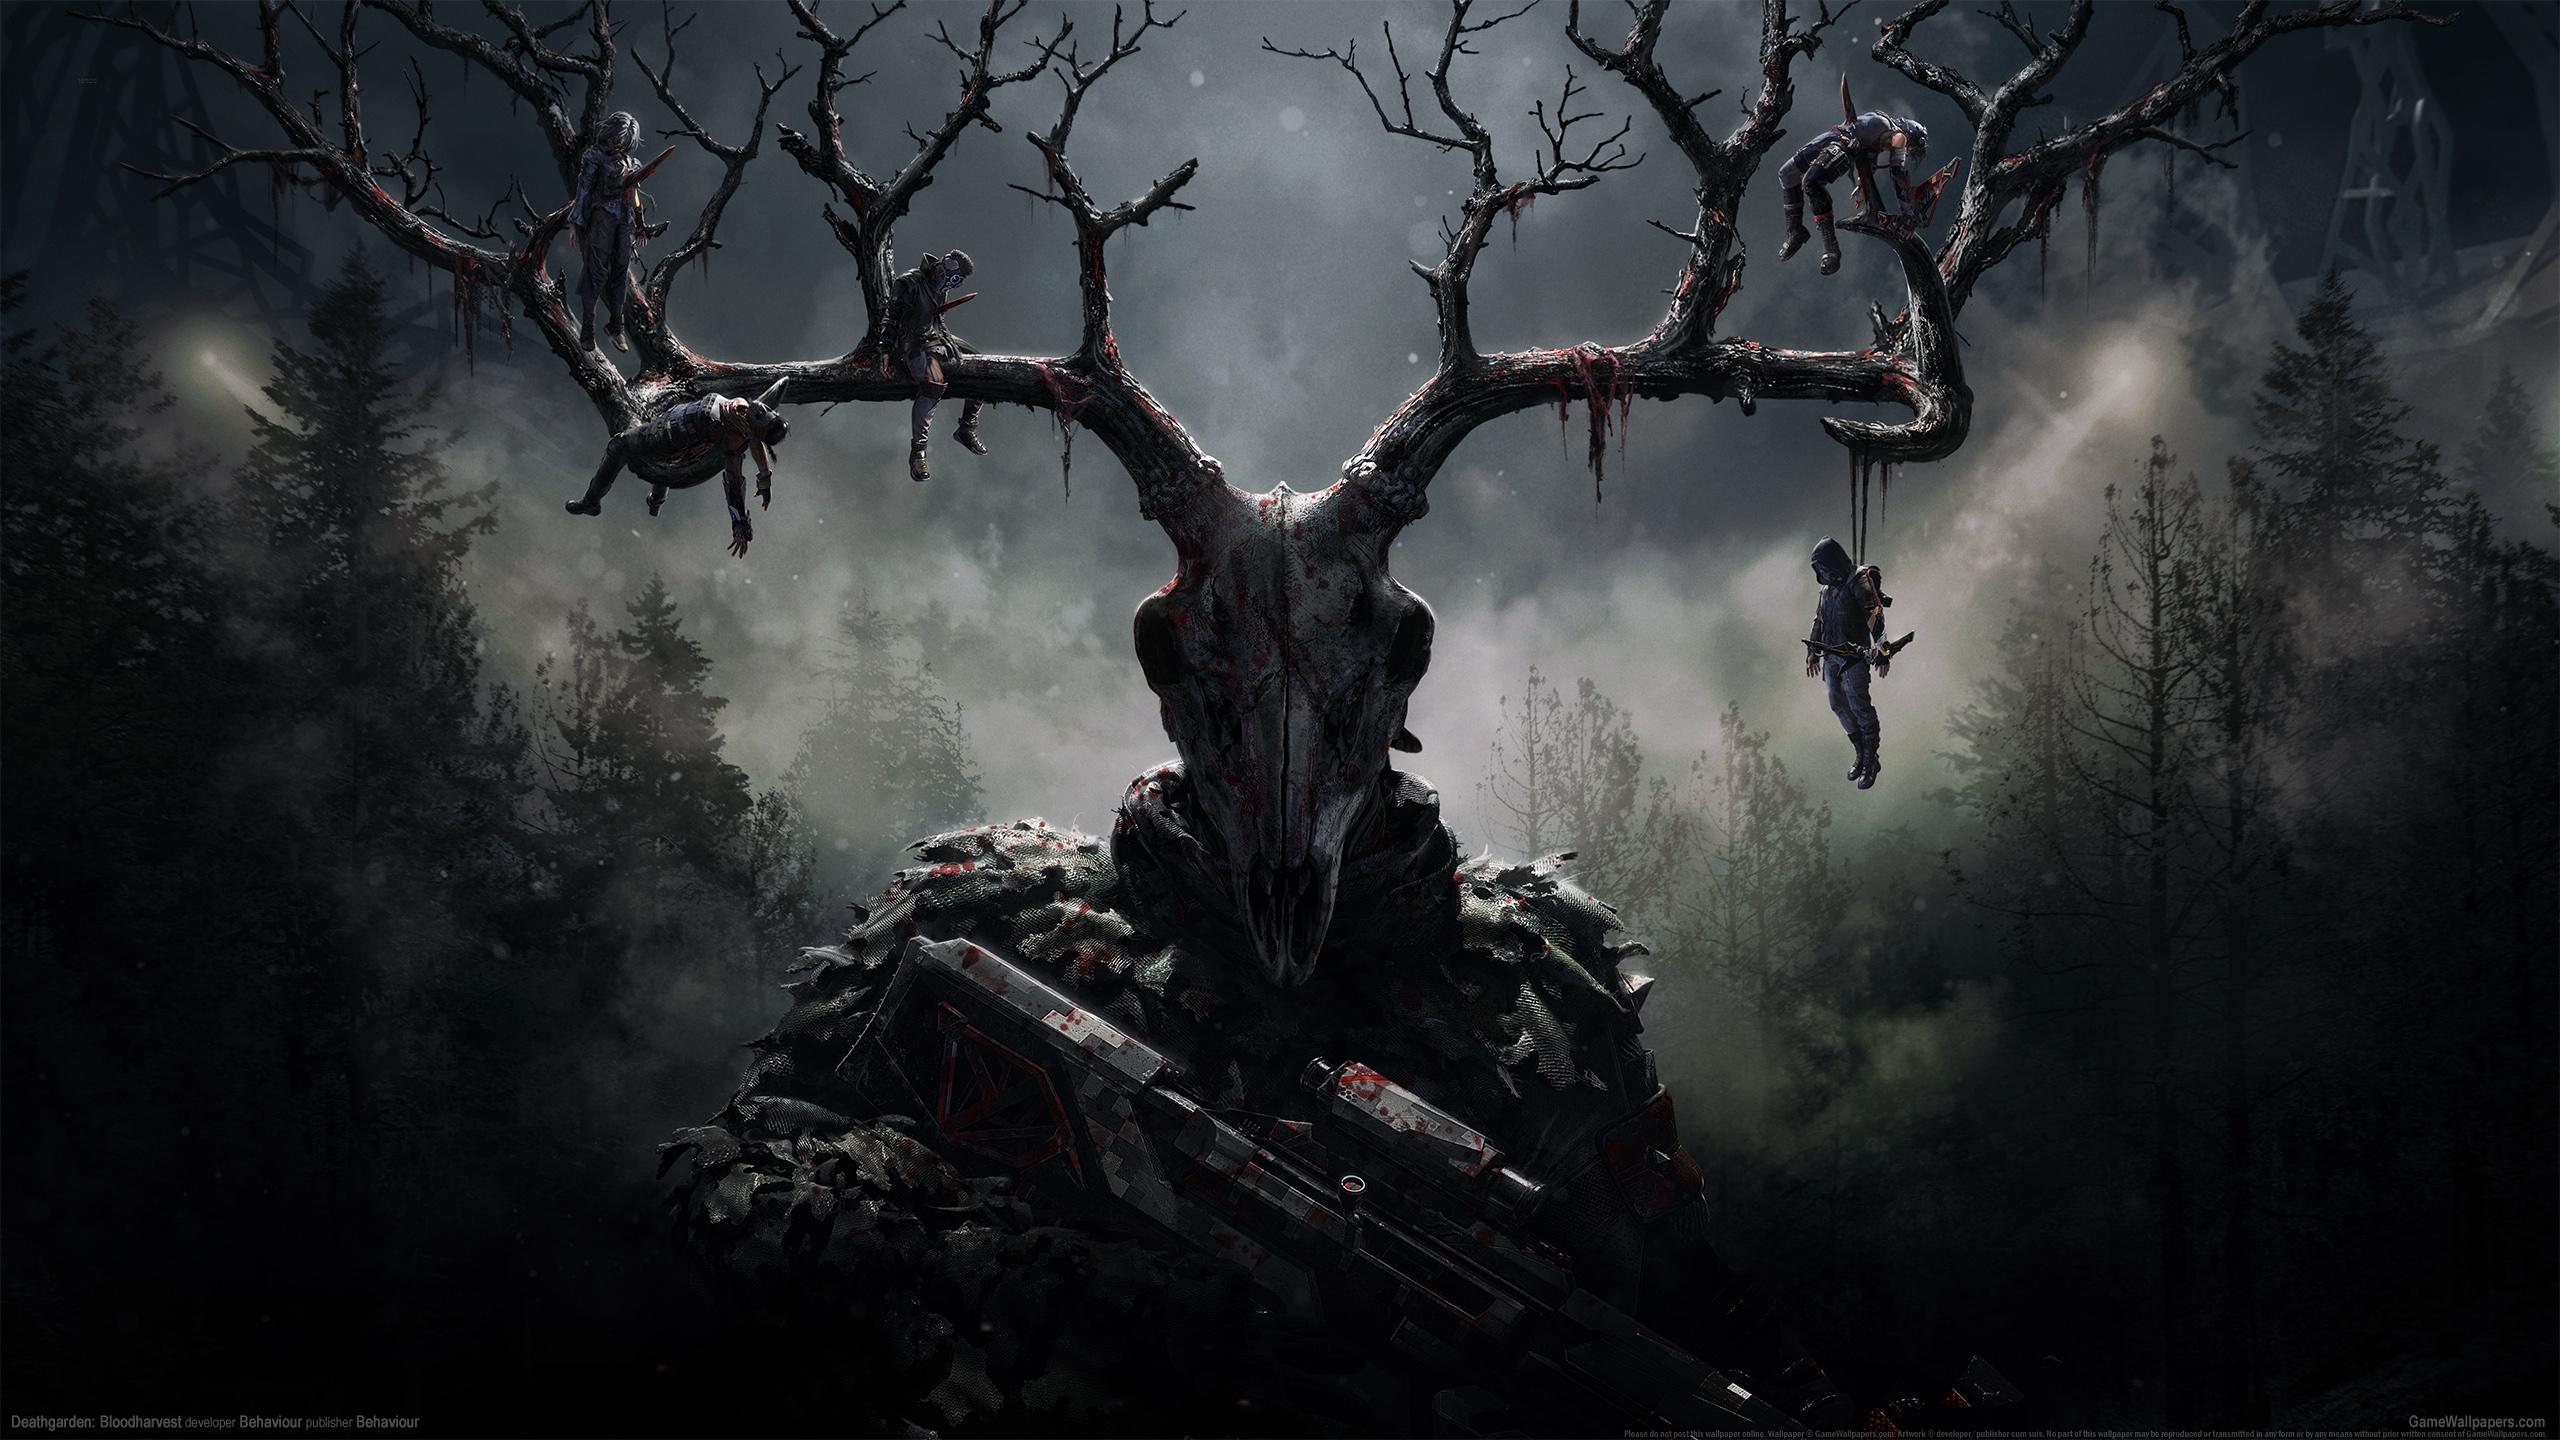 Deathgarden: Bloodharvest 2560x1440 Hintergrundbild 01